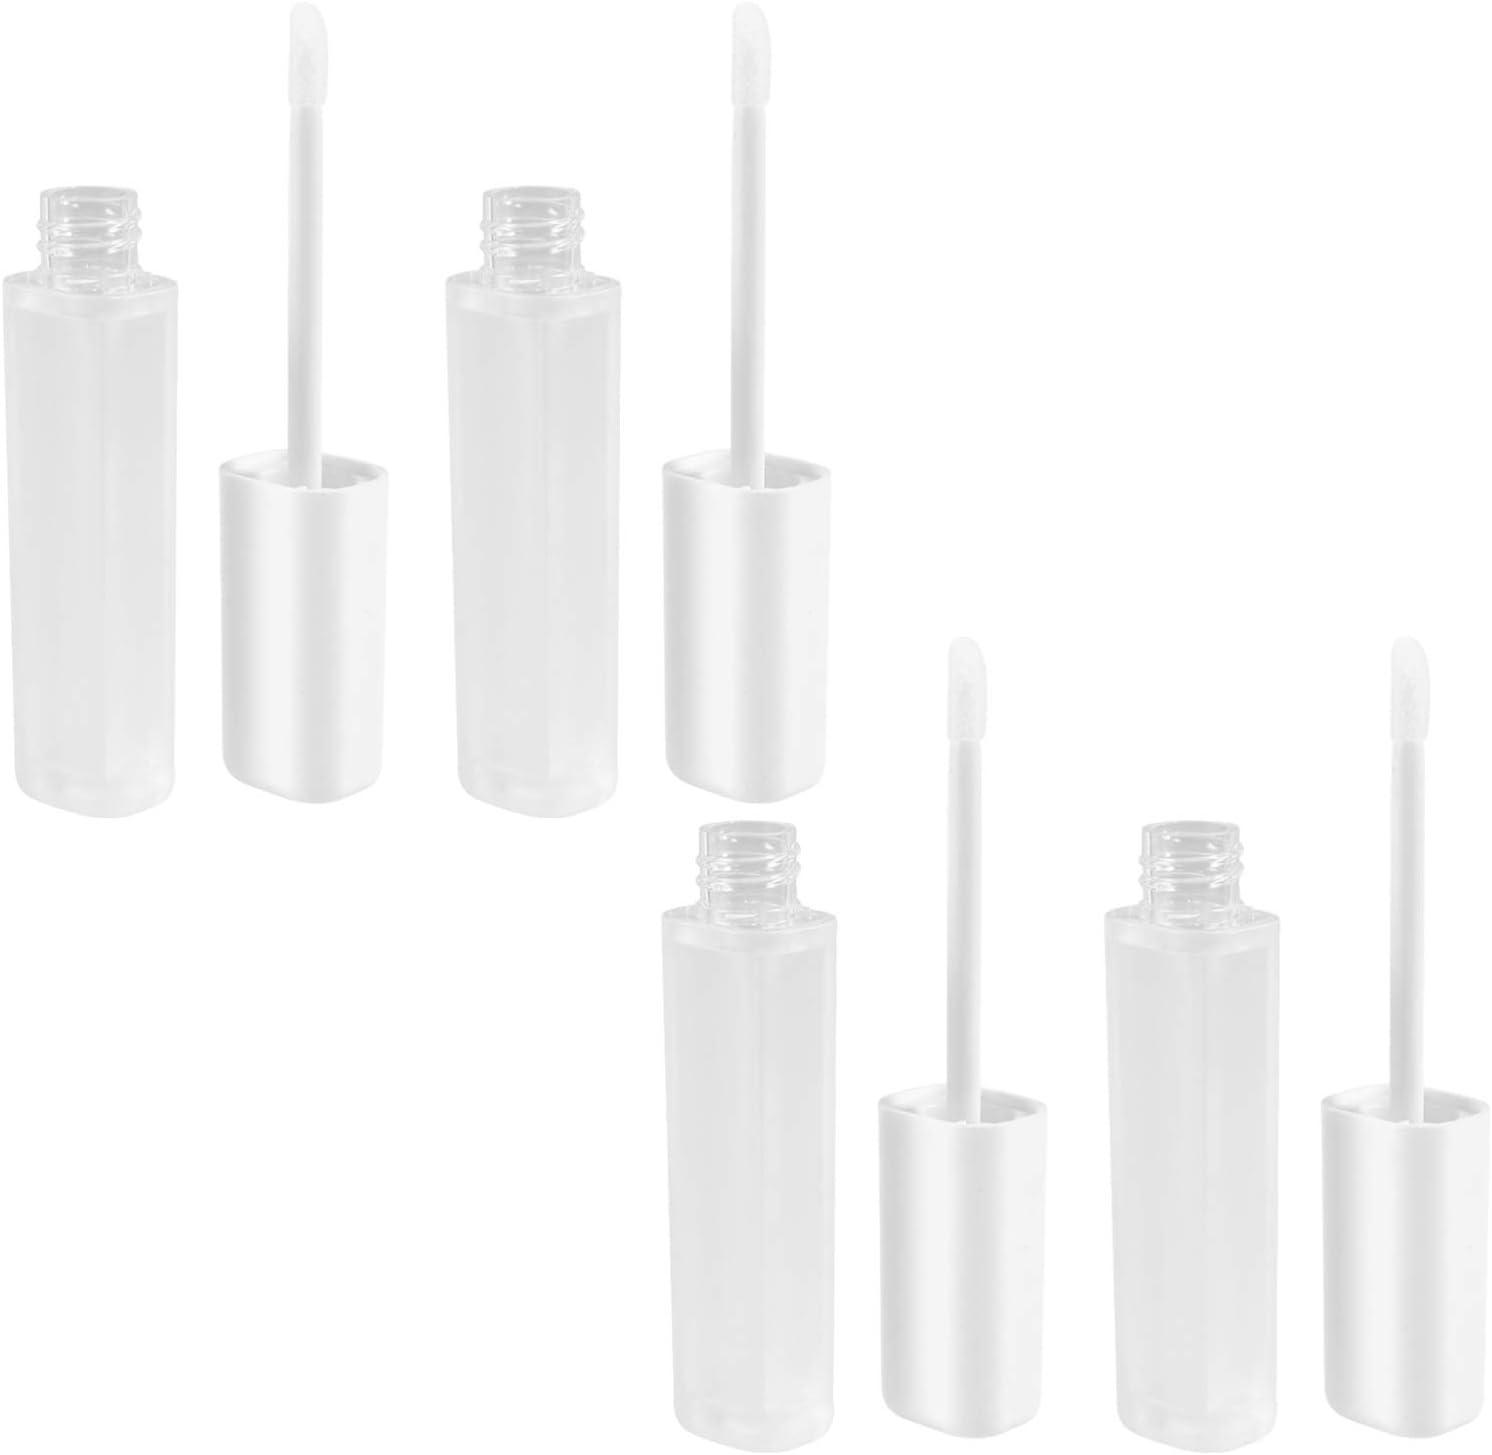 PIXNOR 4 Piezas de Tubos de Brillo de Labios Vacíos Botellas de Bálsamo Labial Reutilizables Recargables Envase de Muestras de Labios de Plástico con Varita para Maquillaje DIY Lápiz